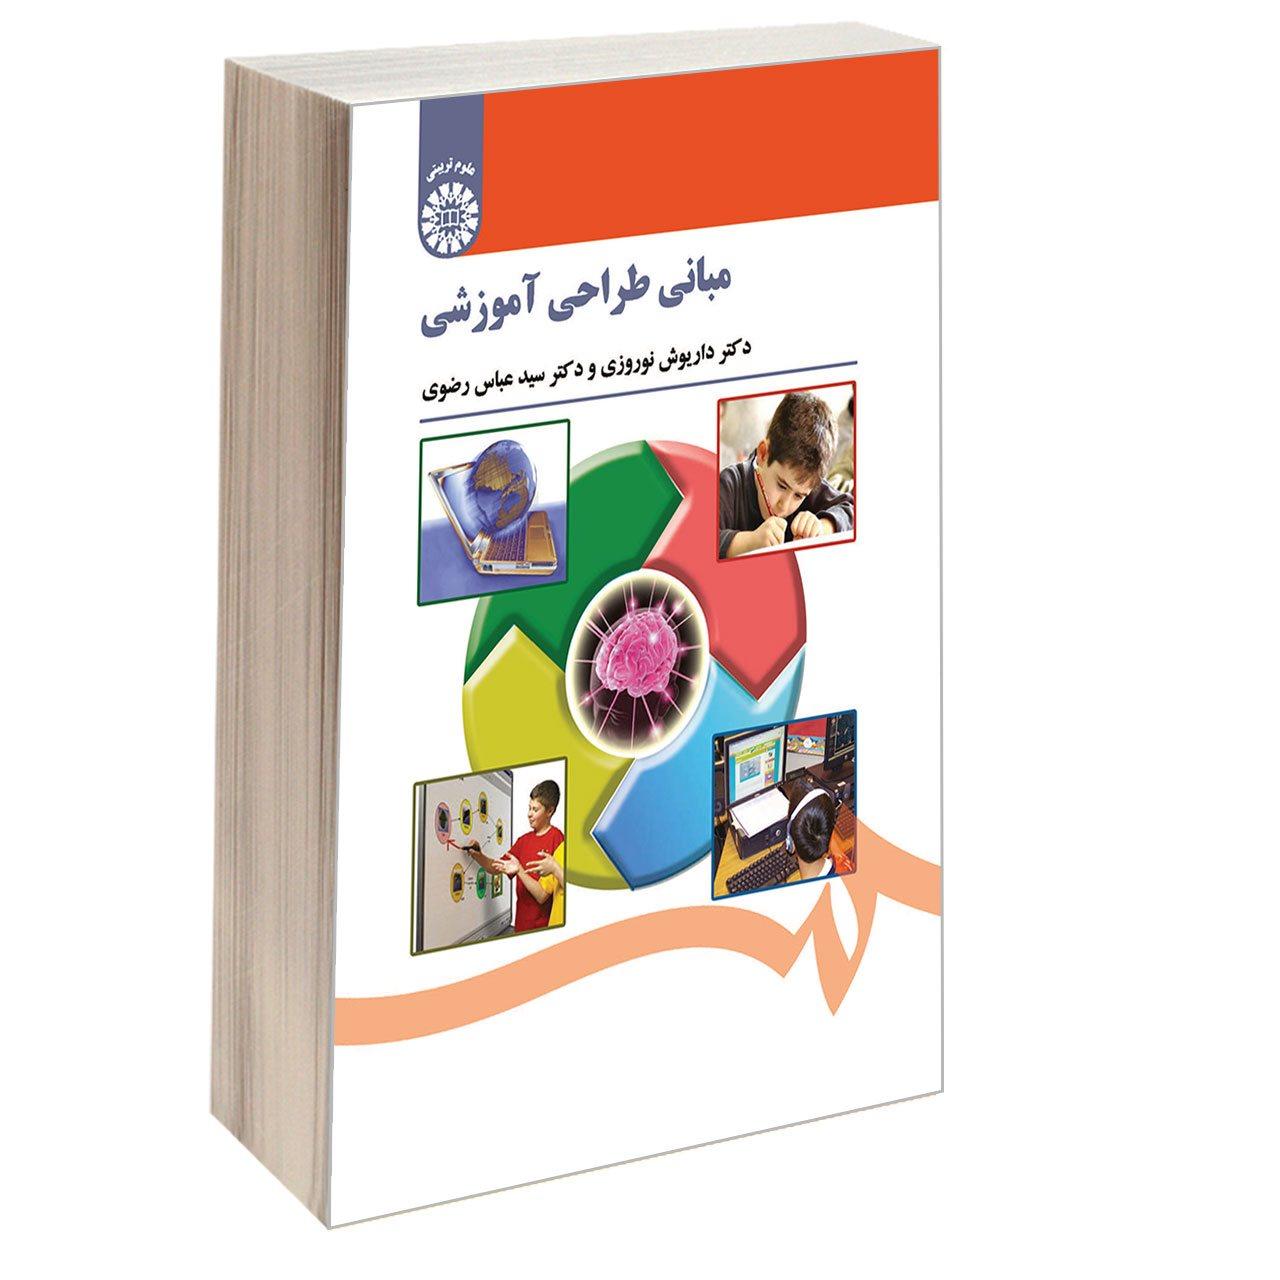 خرید                      کتاب مبانی طراحی آموزشی اثر دکتر داریوش نوروزی و دکتر سیدعباس رضوی نشر سمت